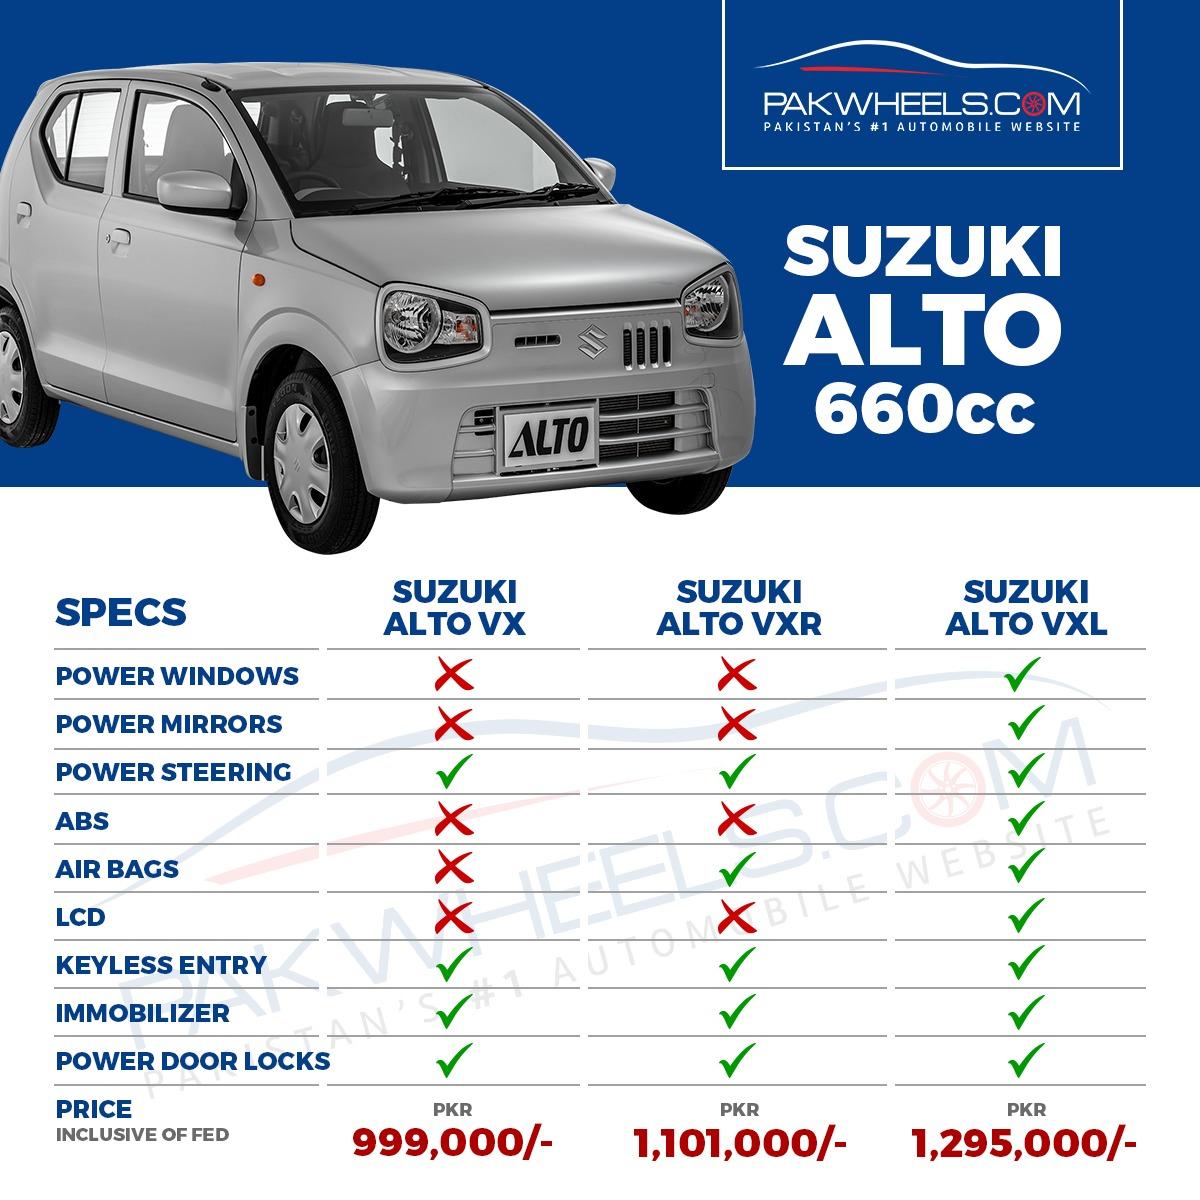 Suzuki Alto 660cc The Key Differences In All Three